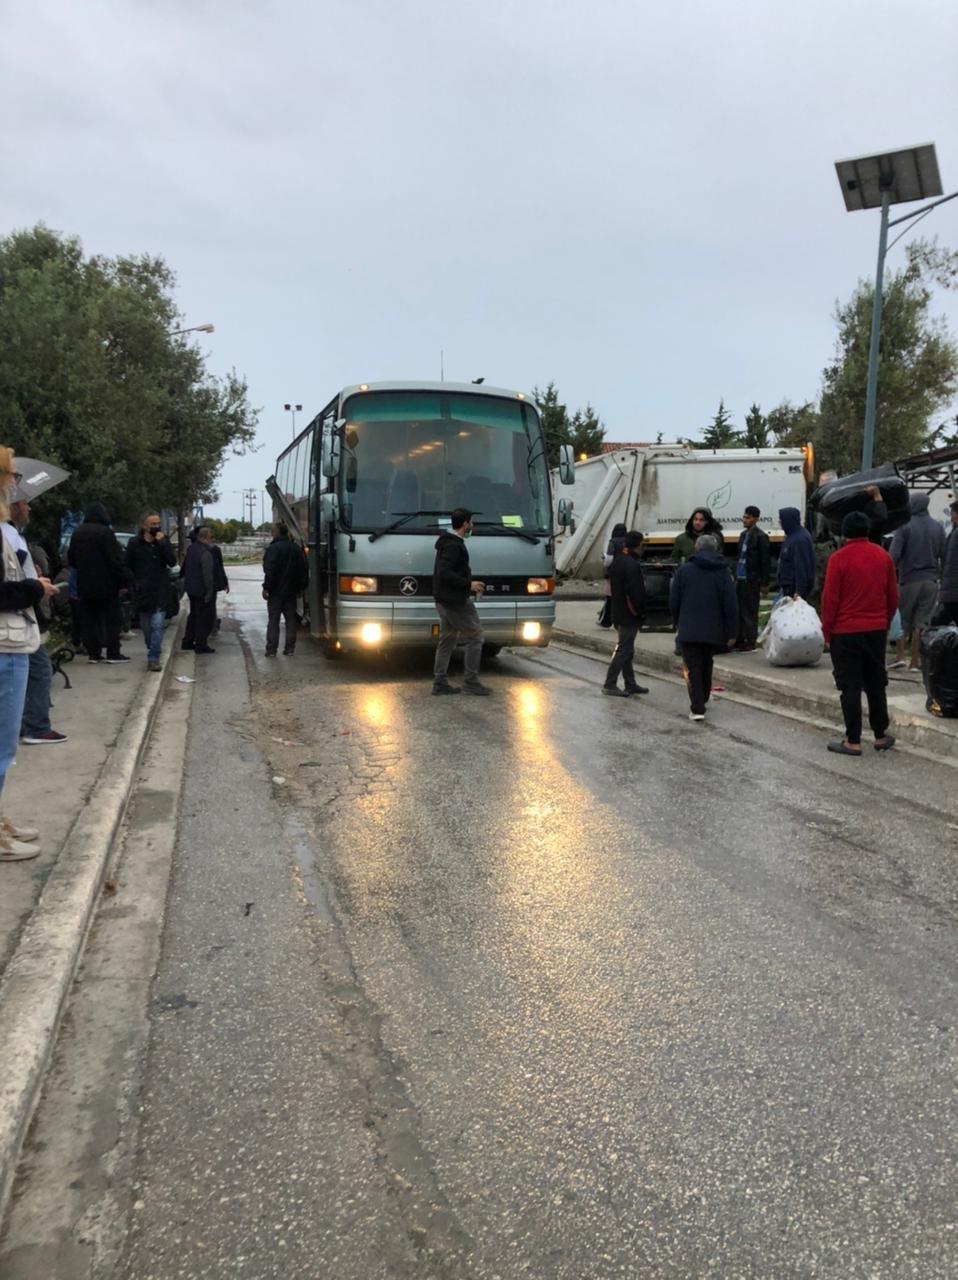 L'évacuation du camp de Kara Tepe 1, à Lesbos, a commencé samedi 24 avril. Crédit : DR